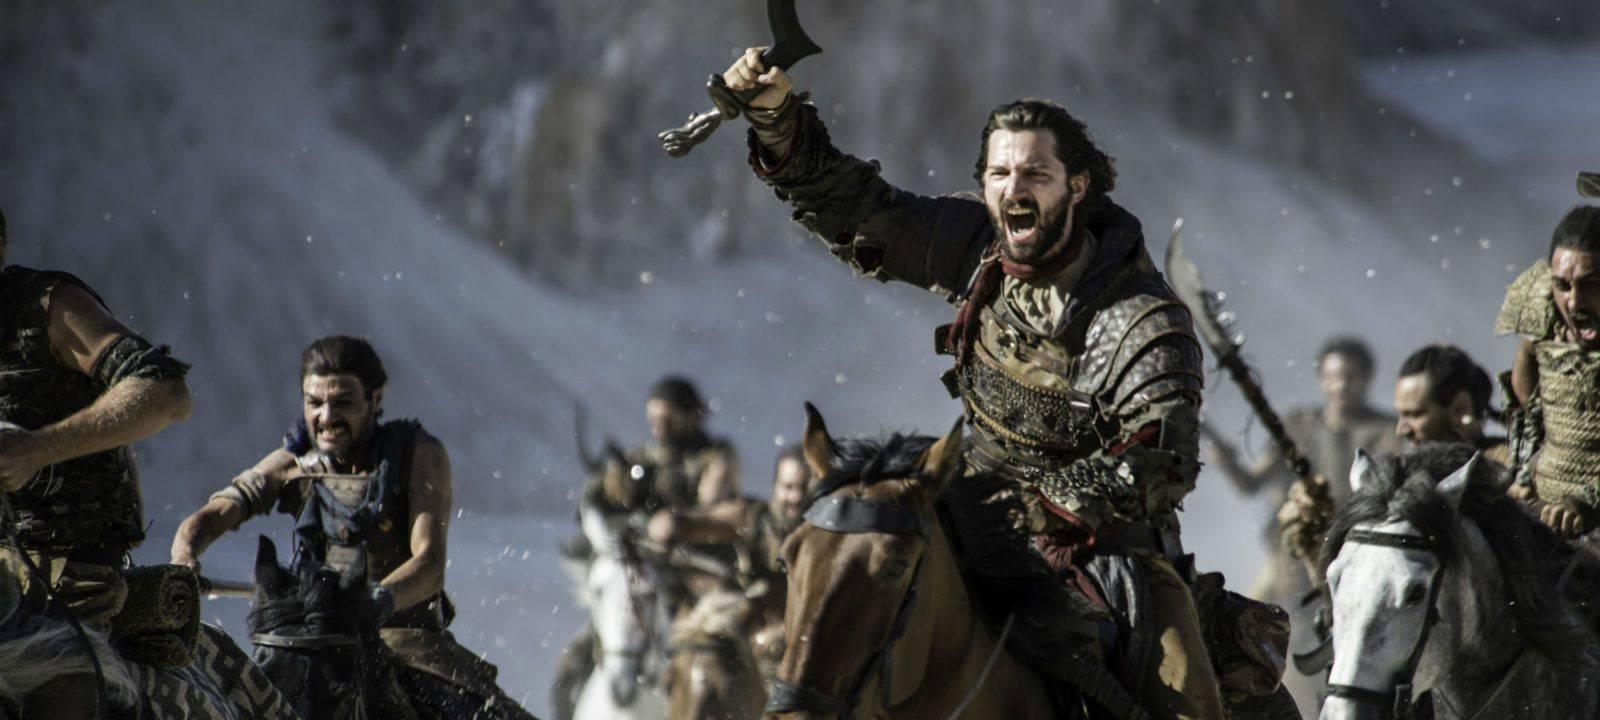 Исследование: когда можно начинать спойлерить фильмы и сериалы?